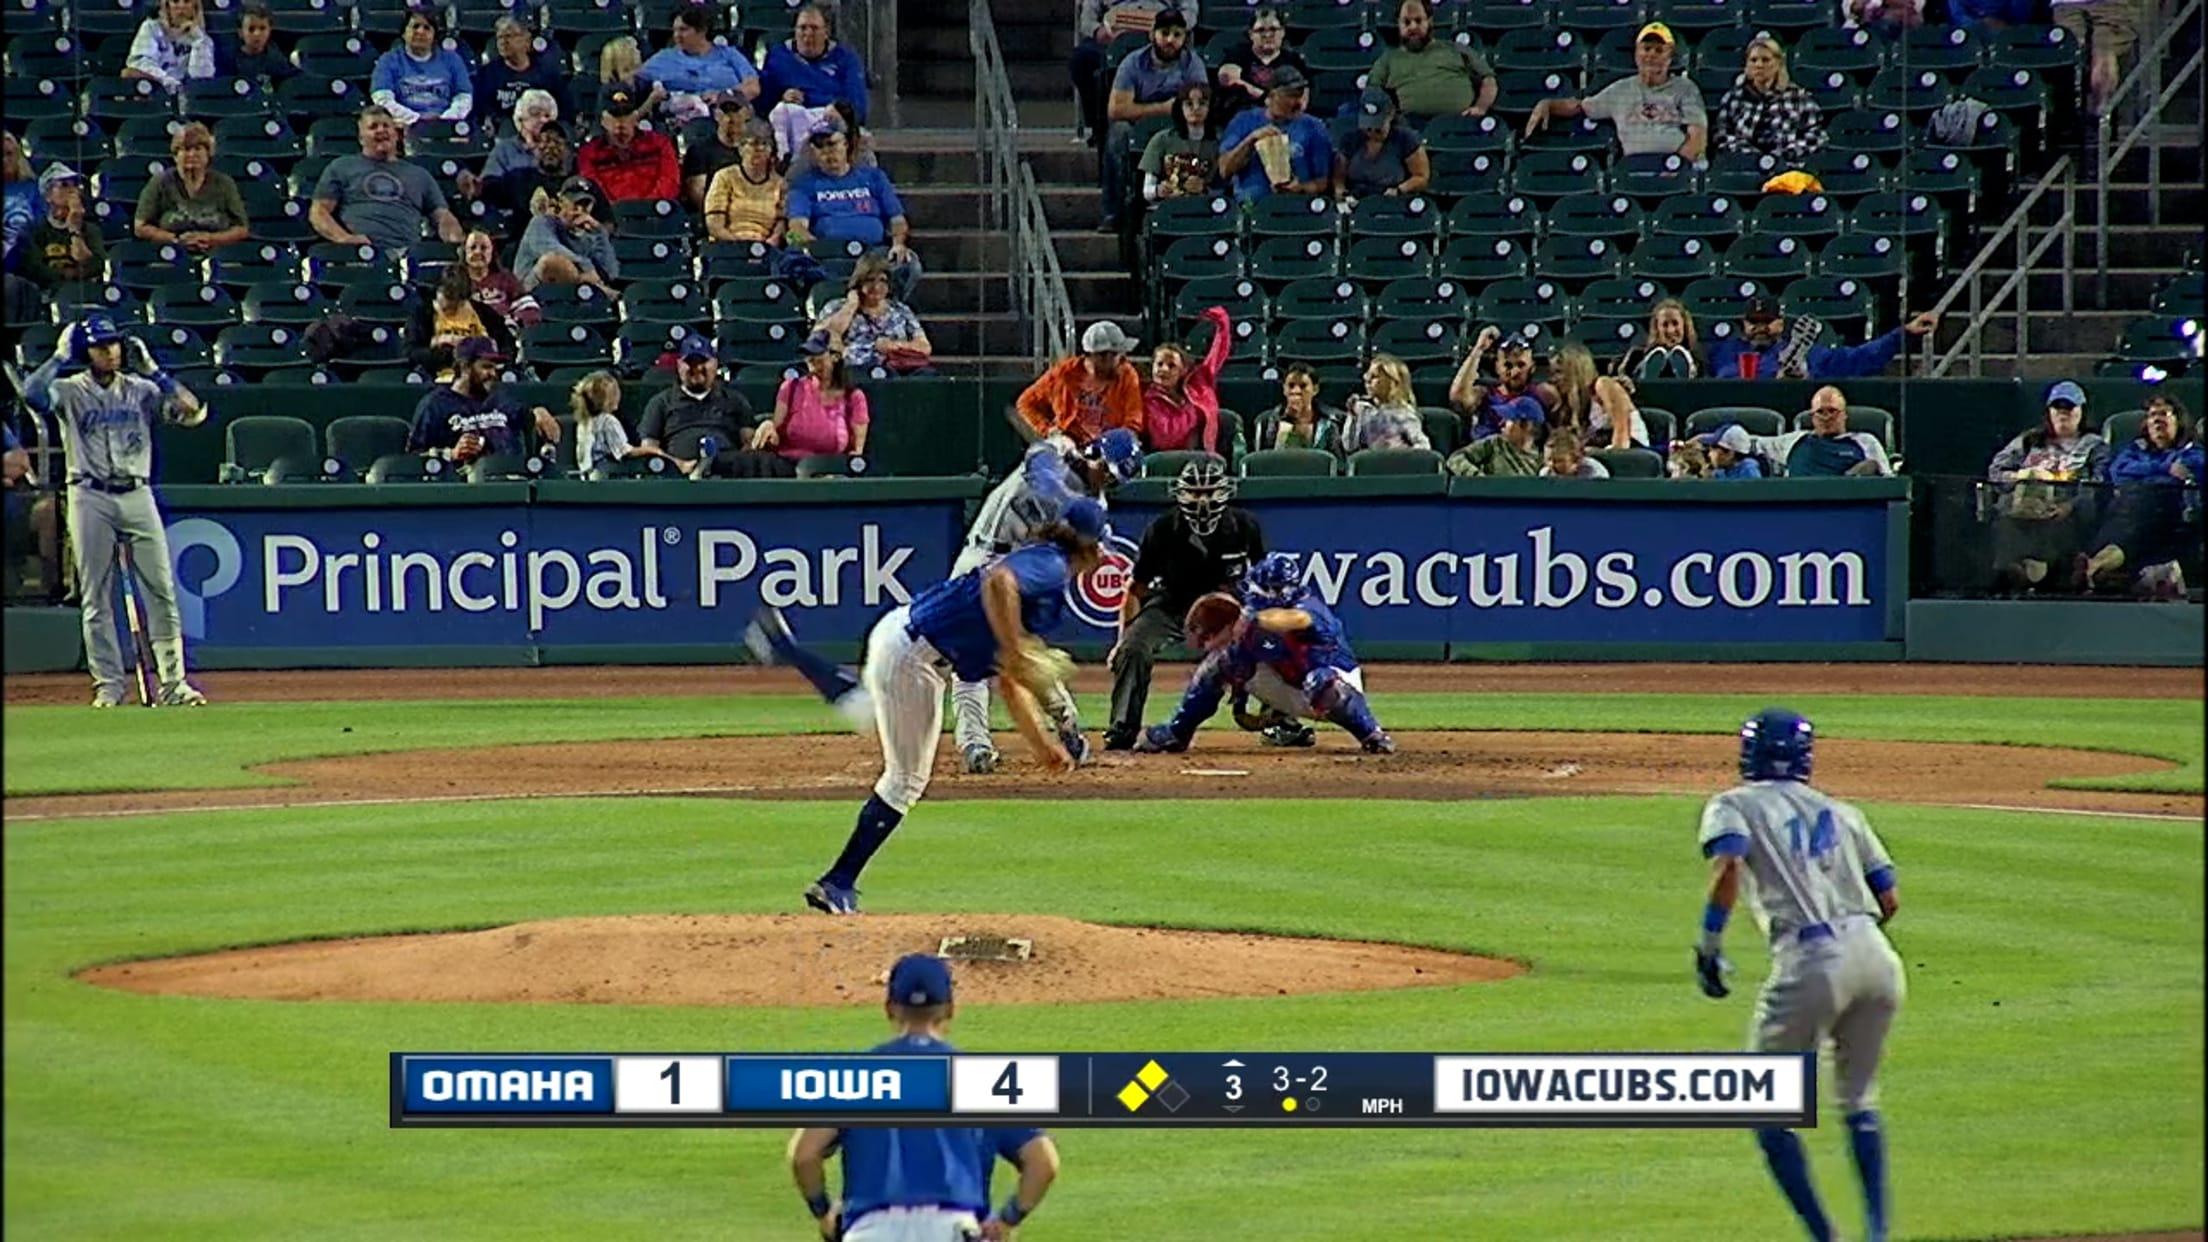 Nick Pratto's 36th home run